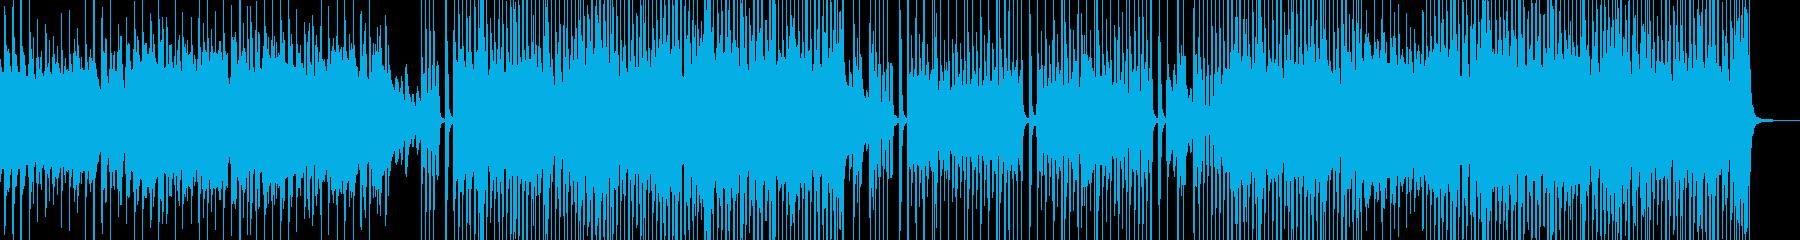 シンプル・後半リズミカルなスィングポップの再生済みの波形